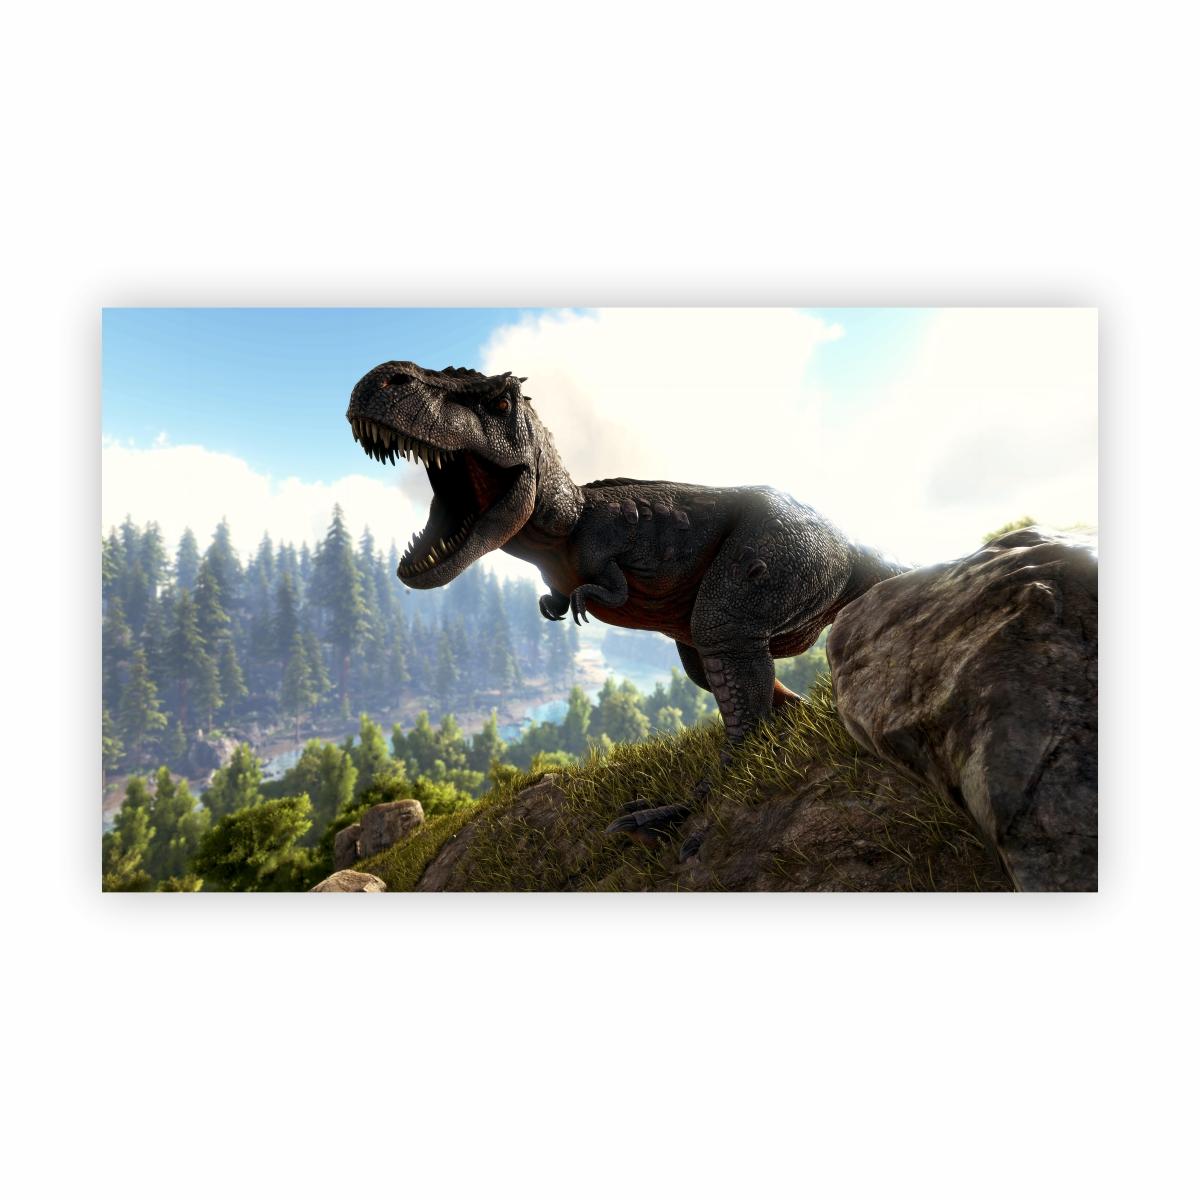 Quadro Dinossauro T Rex Decorativo Paisagem Canvas 100x70cm